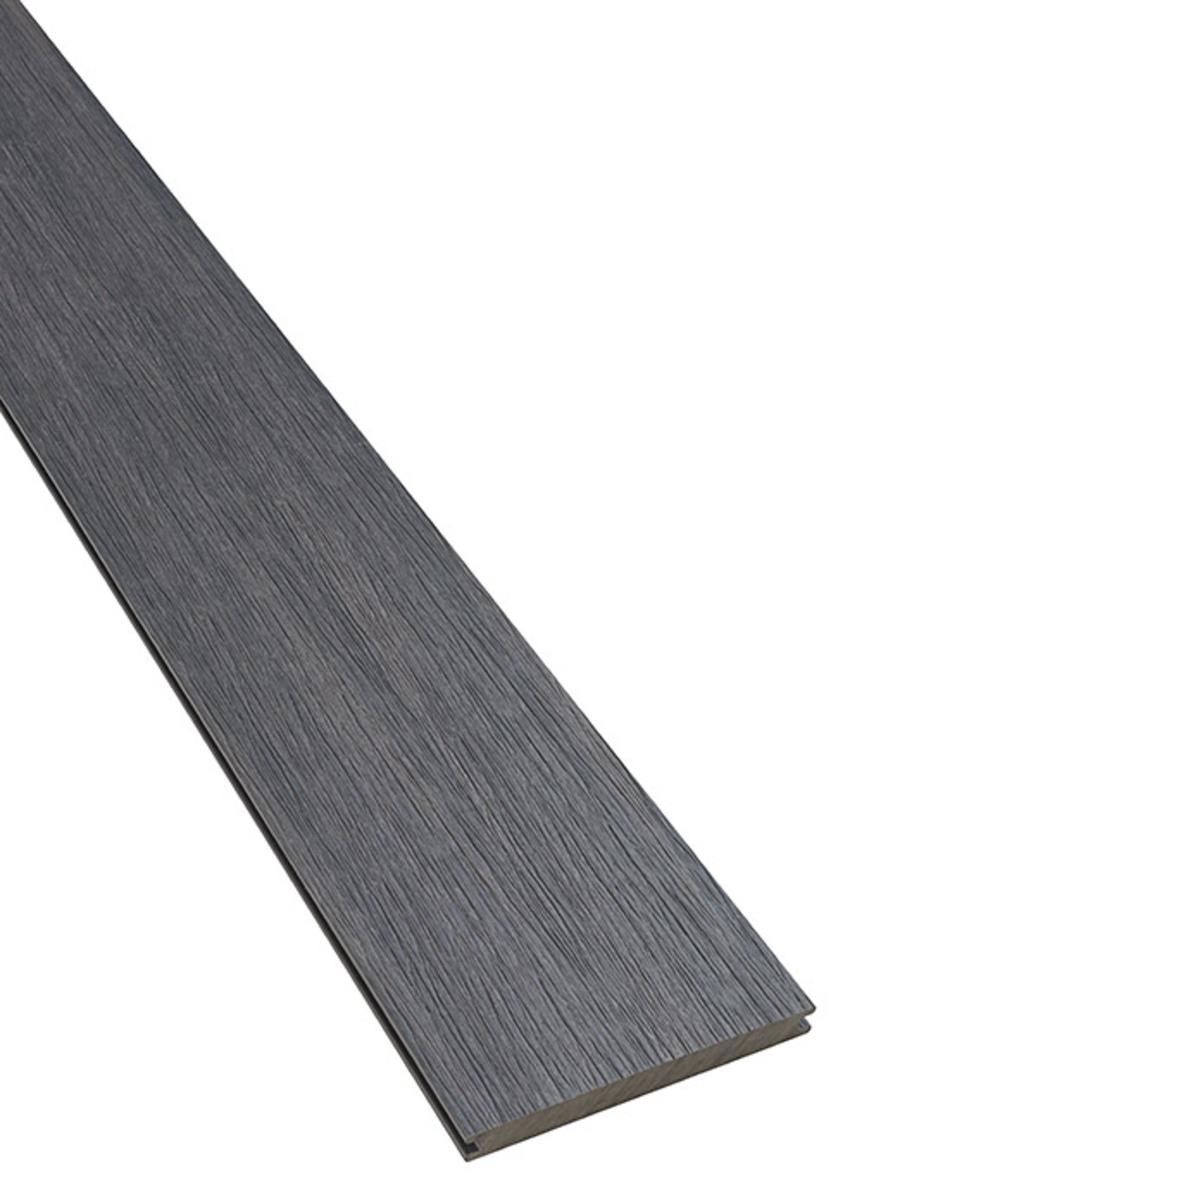 Bild 1 von b!design WPC-Terrassendiele Silver Grey